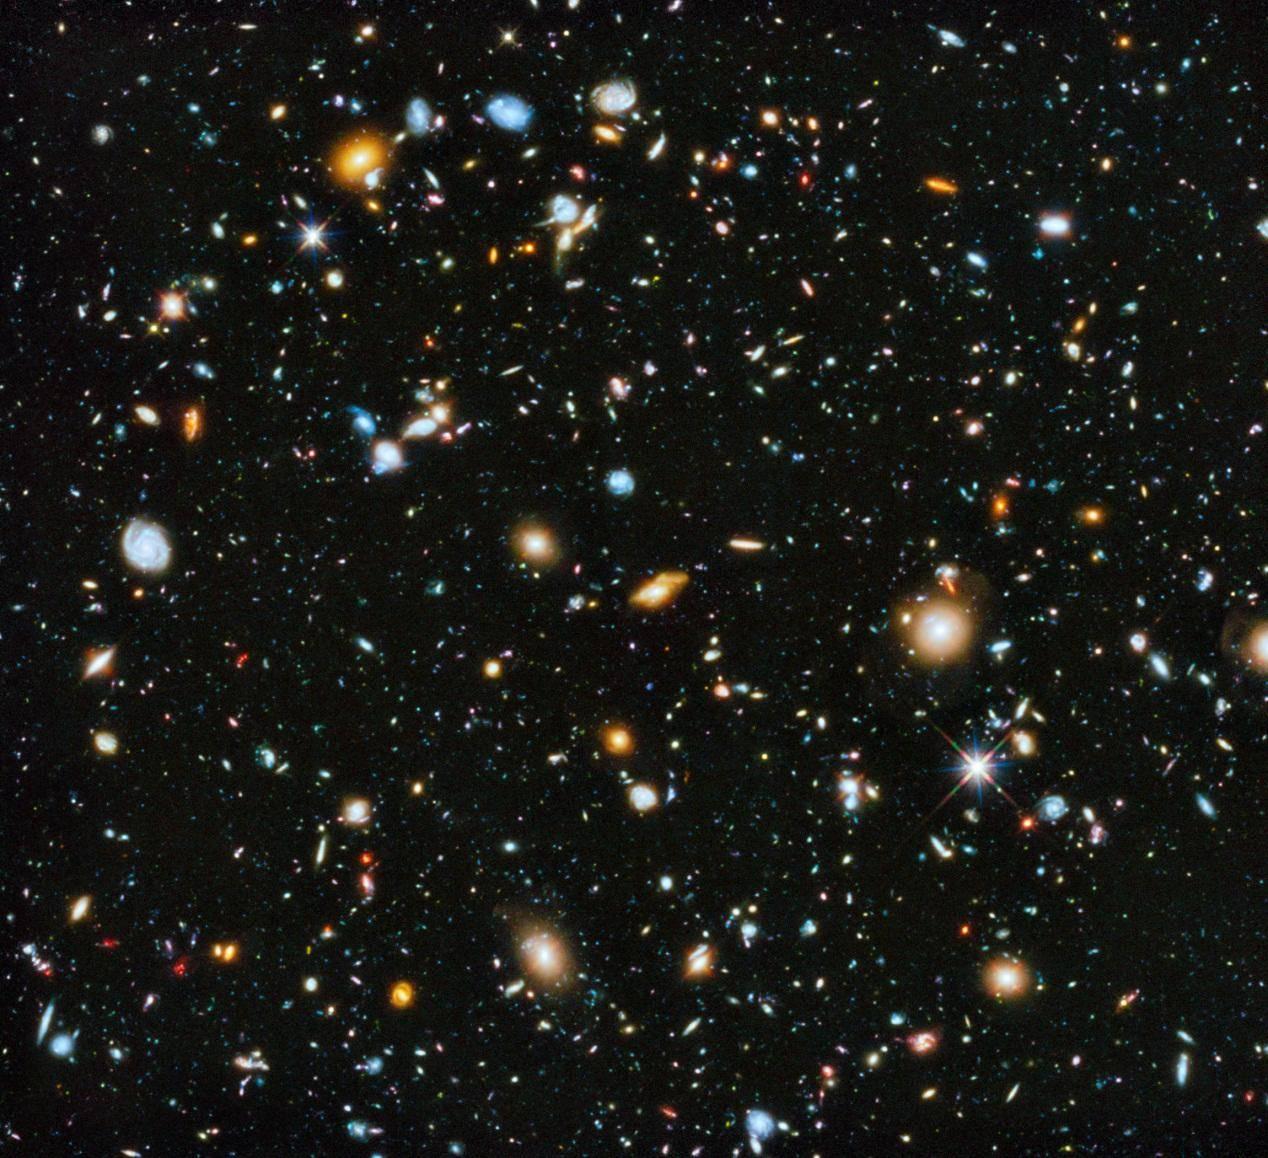 为何拥有如此多星星的宇宙依然很黑暗?